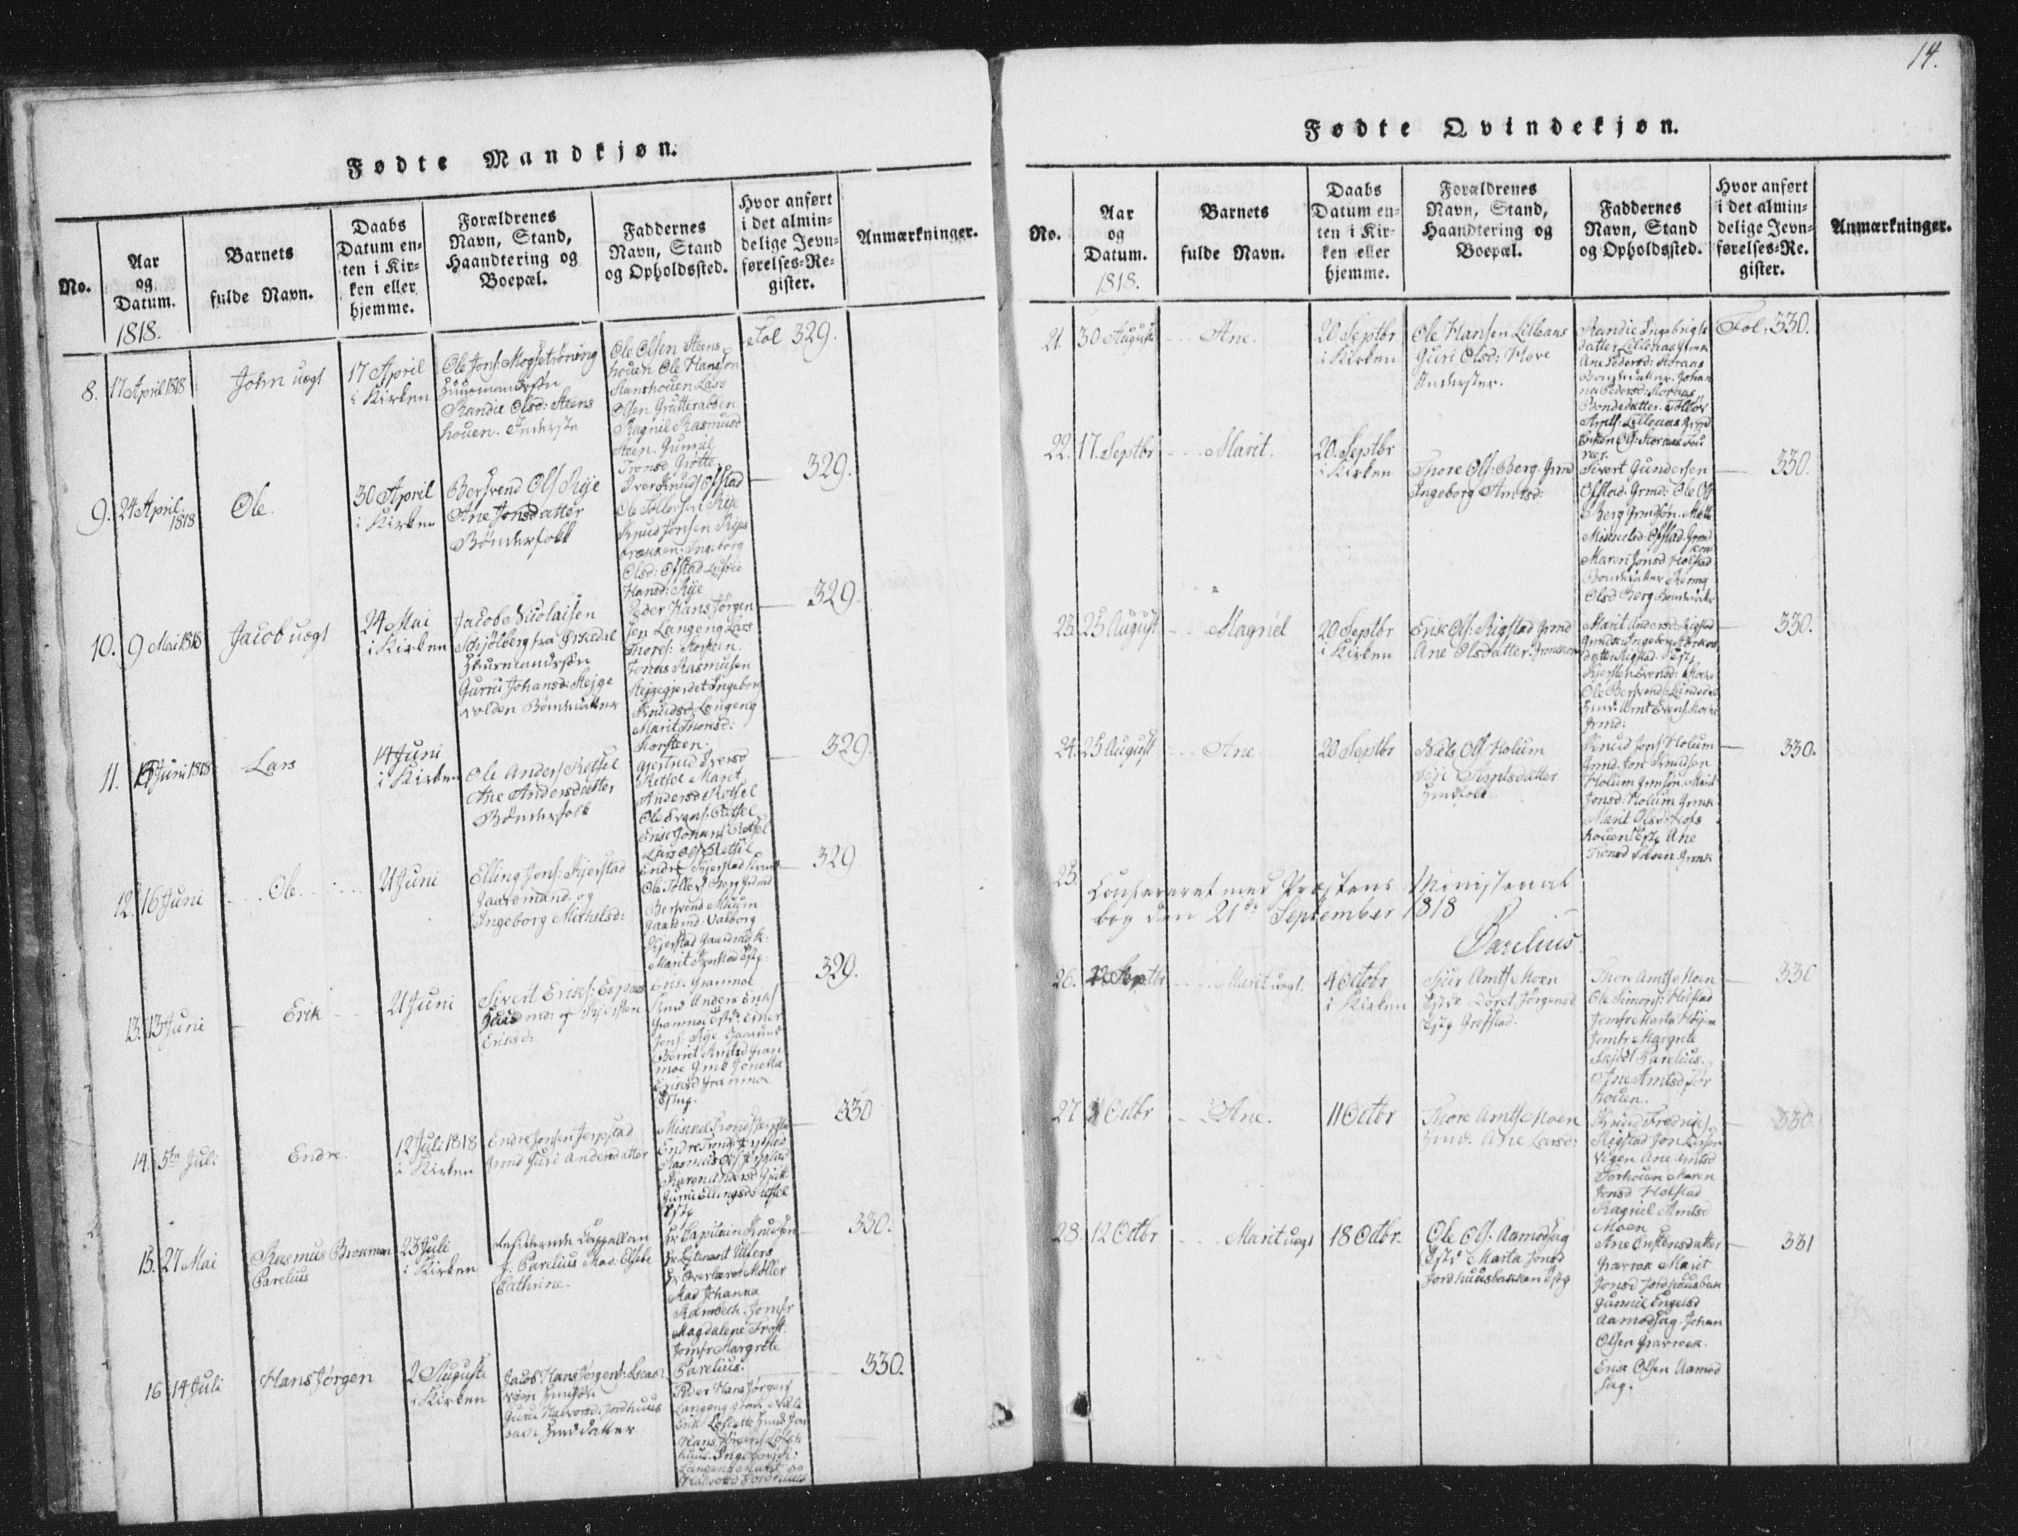 SAT, Ministerialprotokoller, klokkerbøker og fødselsregistre - Sør-Trøndelag, 672/L0862: Klokkerbok nr. 672C01, 1816-1831, s. 14